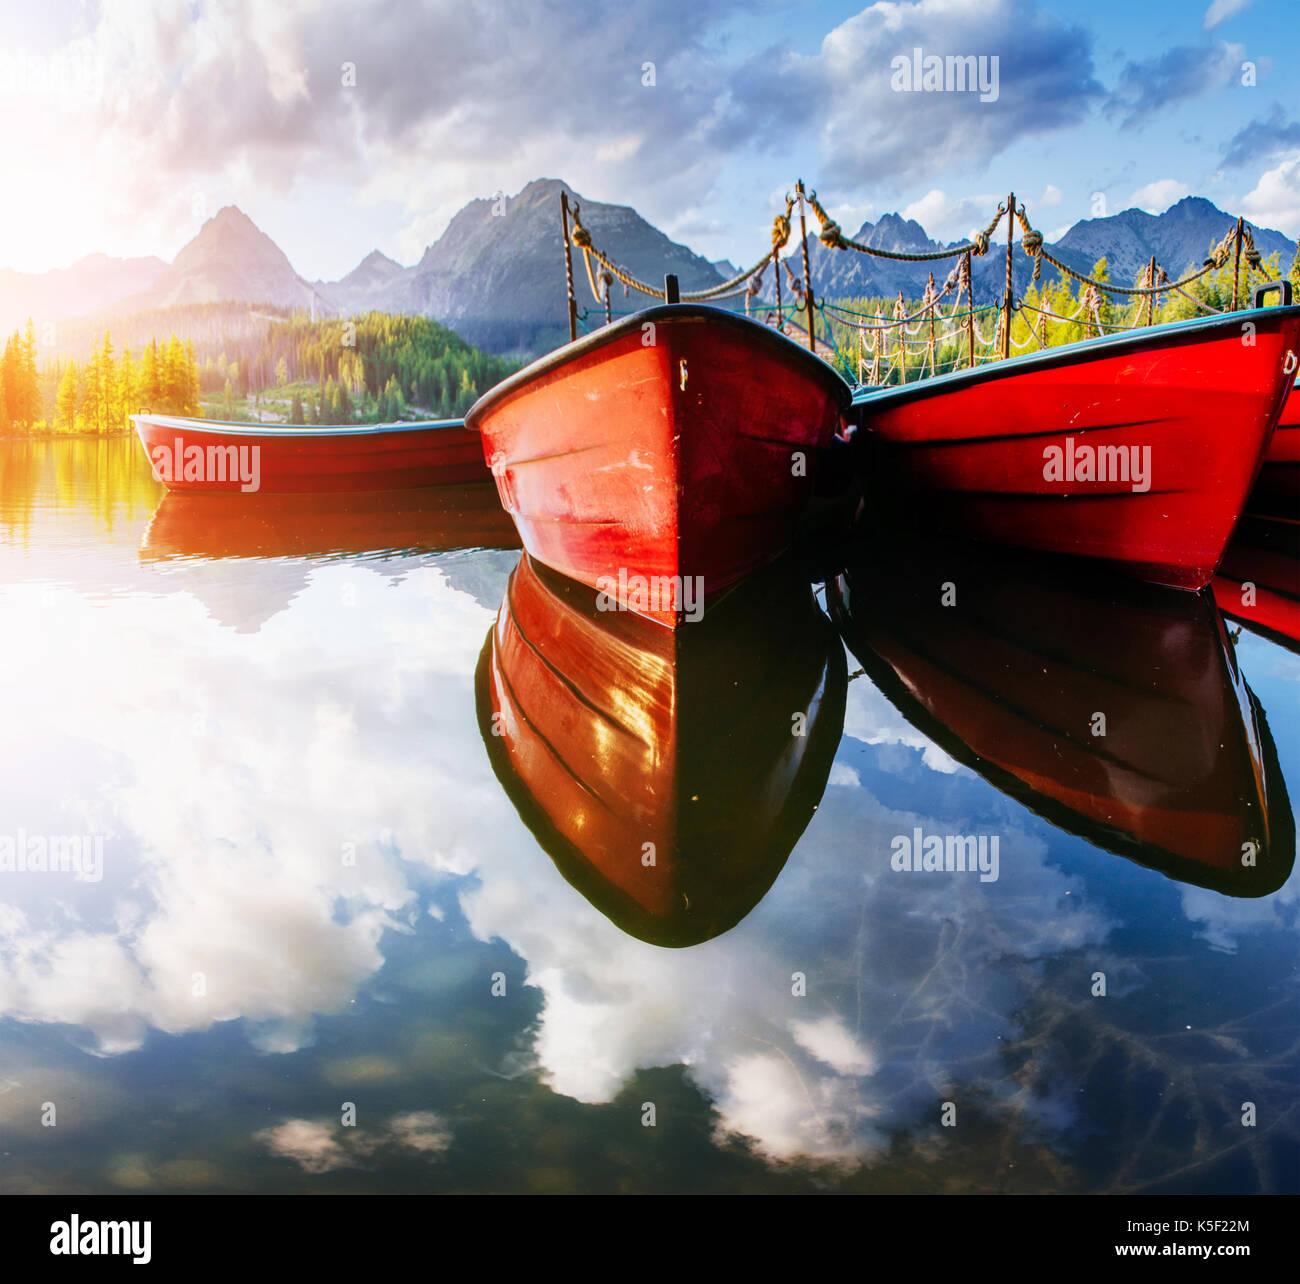 Barco en el muelle rodeado montañas. Fantástico shtrbske pleso High Tatras de Eslovaquia. Foto de stock